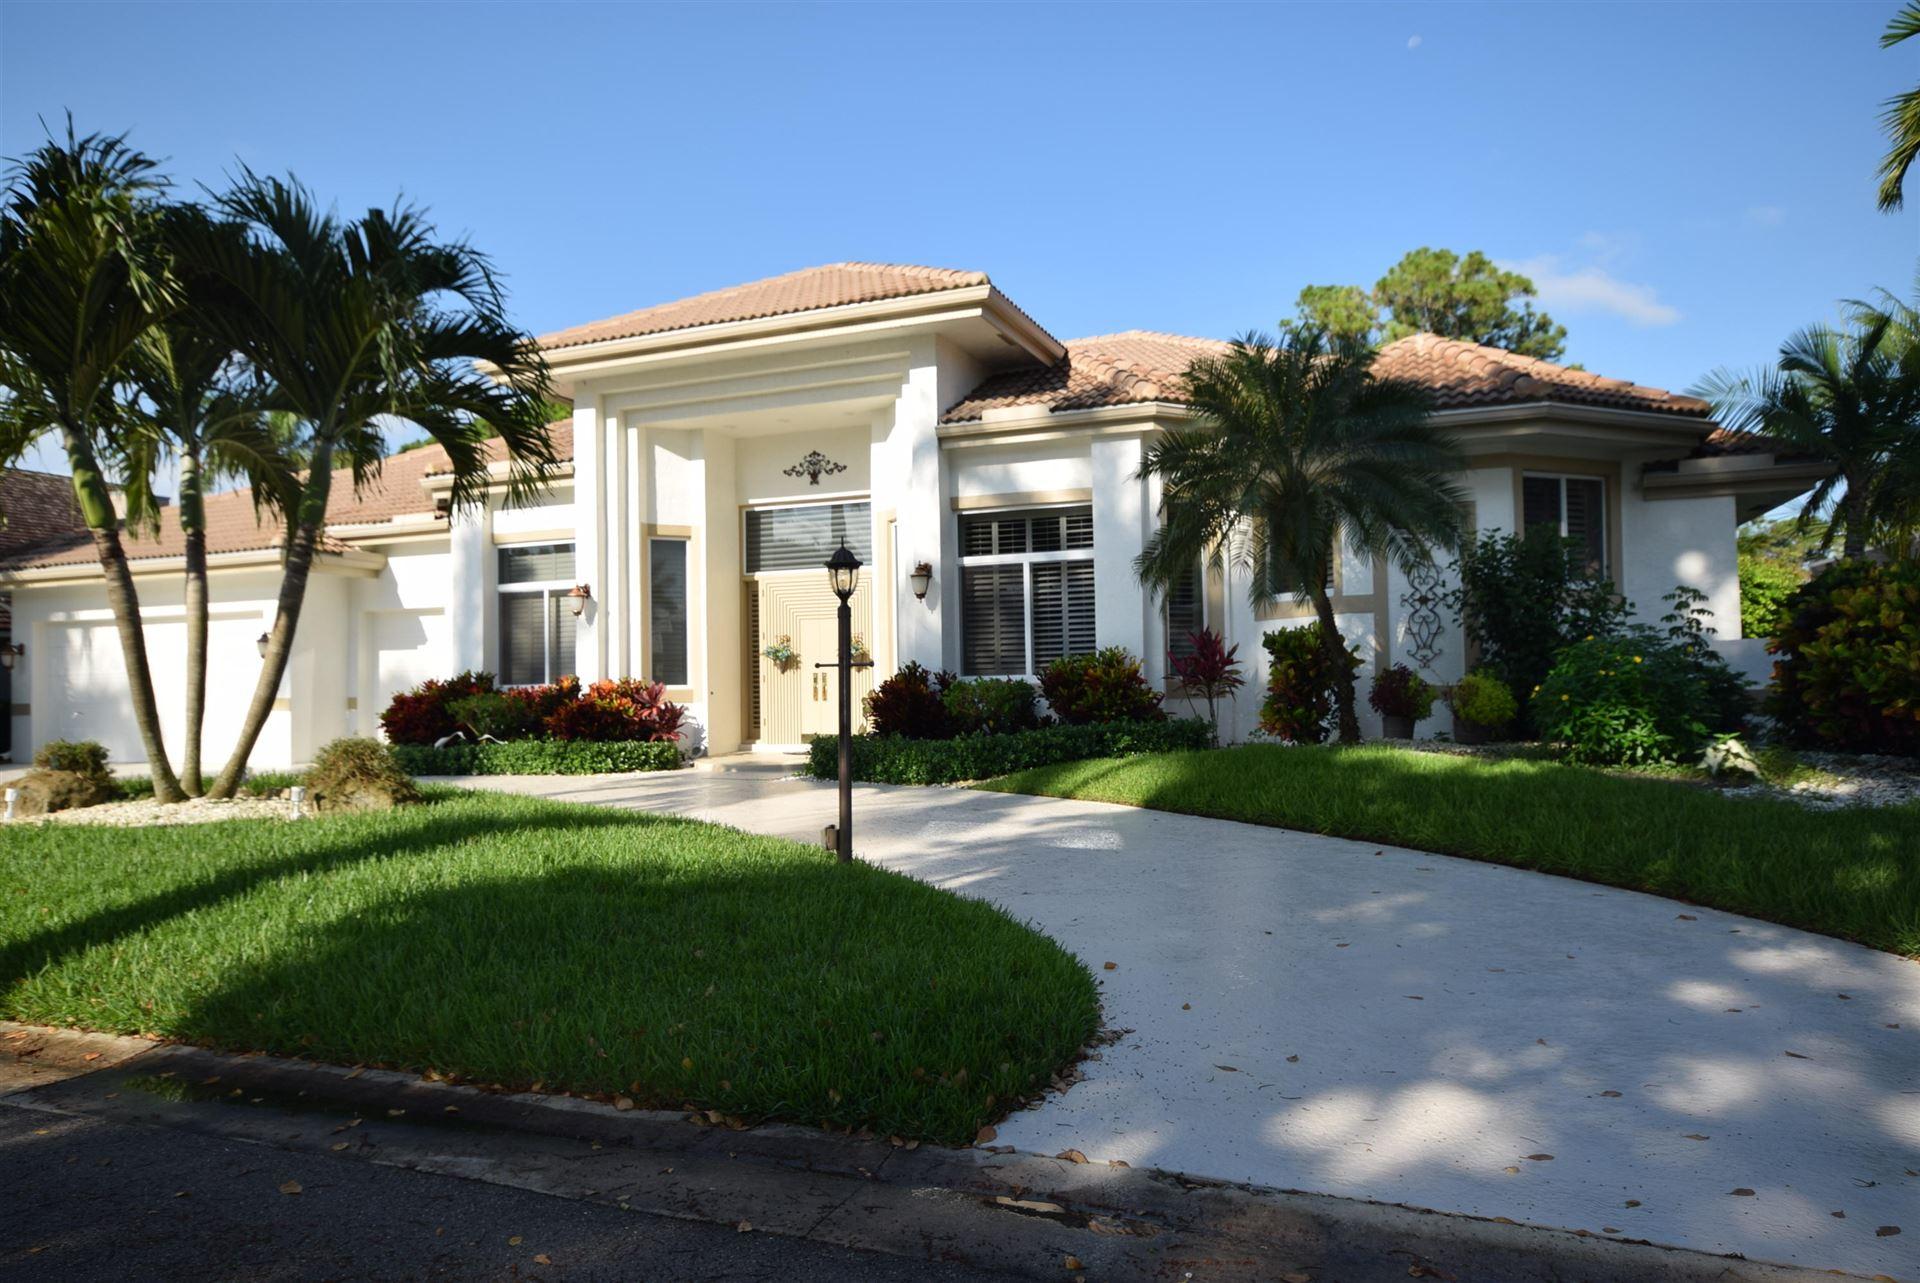 12153 Odyssey Road, Boynton Beach, FL 33436 - #: RX-10445658